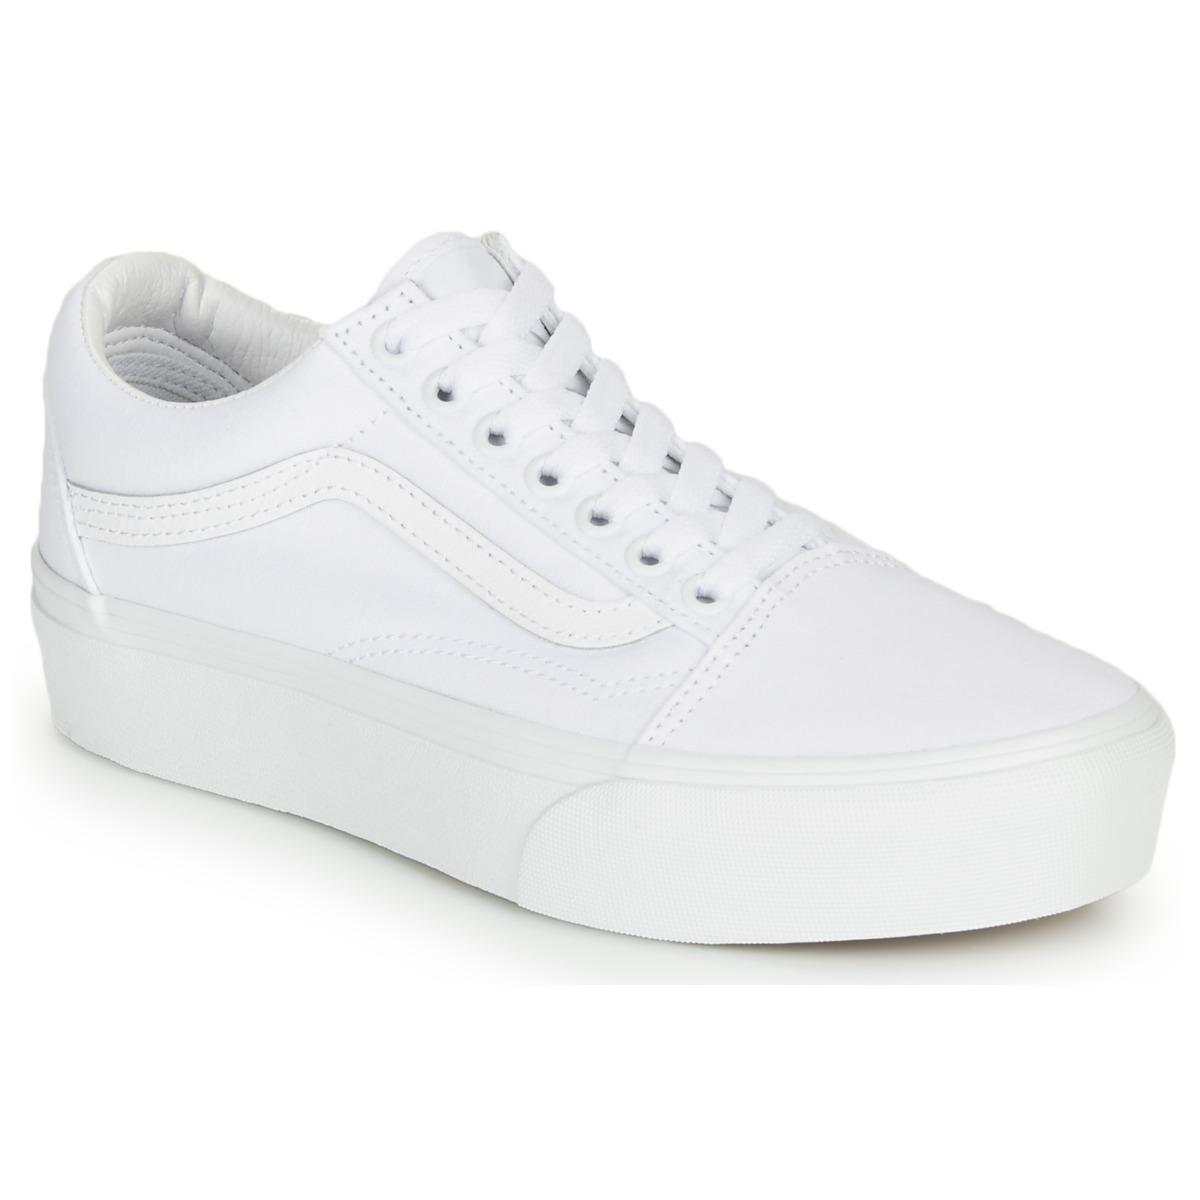 scarpe vans donna stivaletti bassi